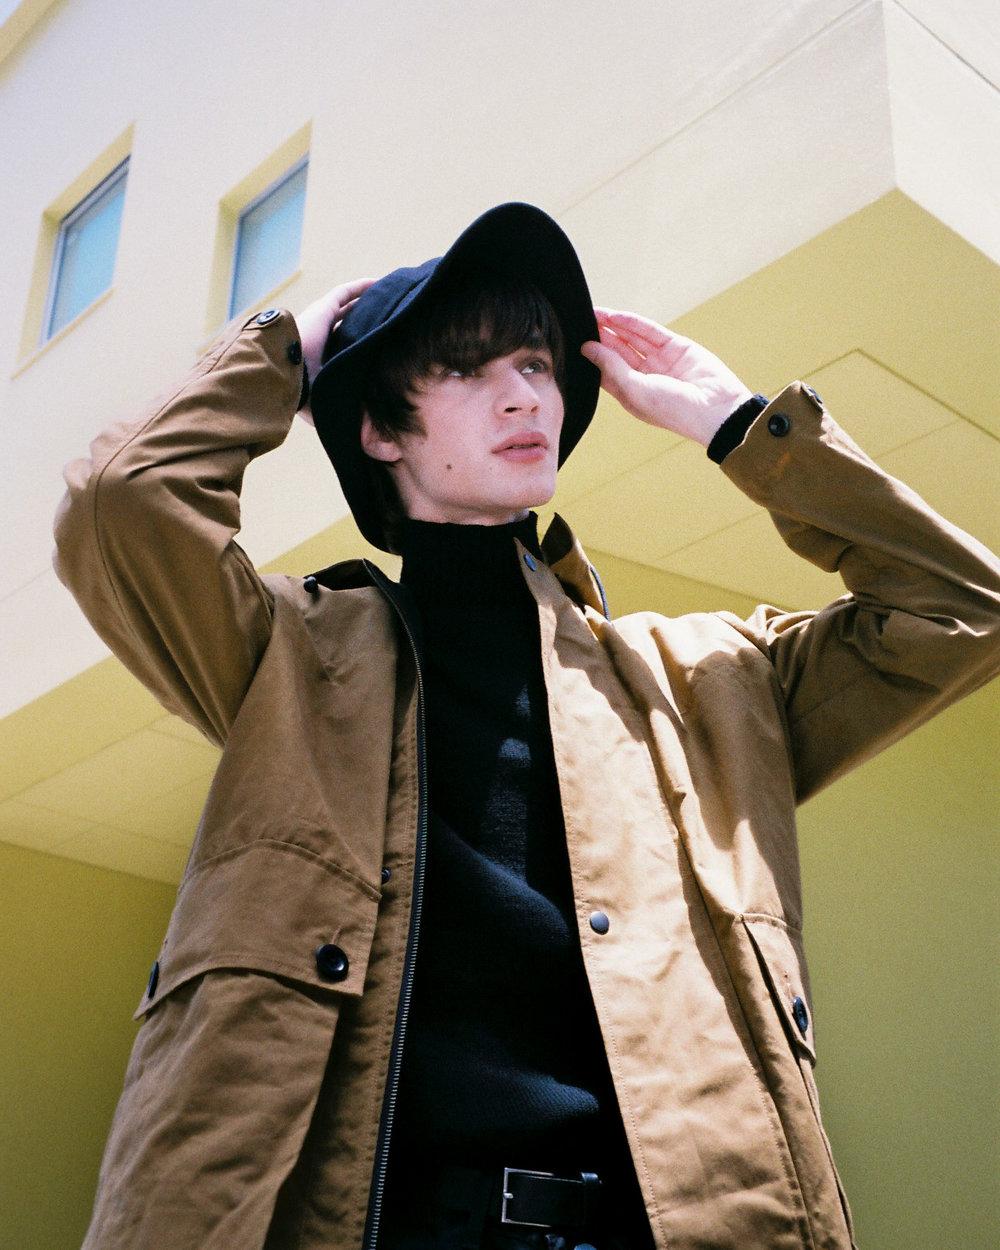 MHL Hat ¥ 9,500  MHL Blouson ¥ 46,000 MHL Knit ¥ 29,000 Margaret Hoewll belt ¥ 19,000 Margaret Howell x Edwin trousers ¥ 23,000